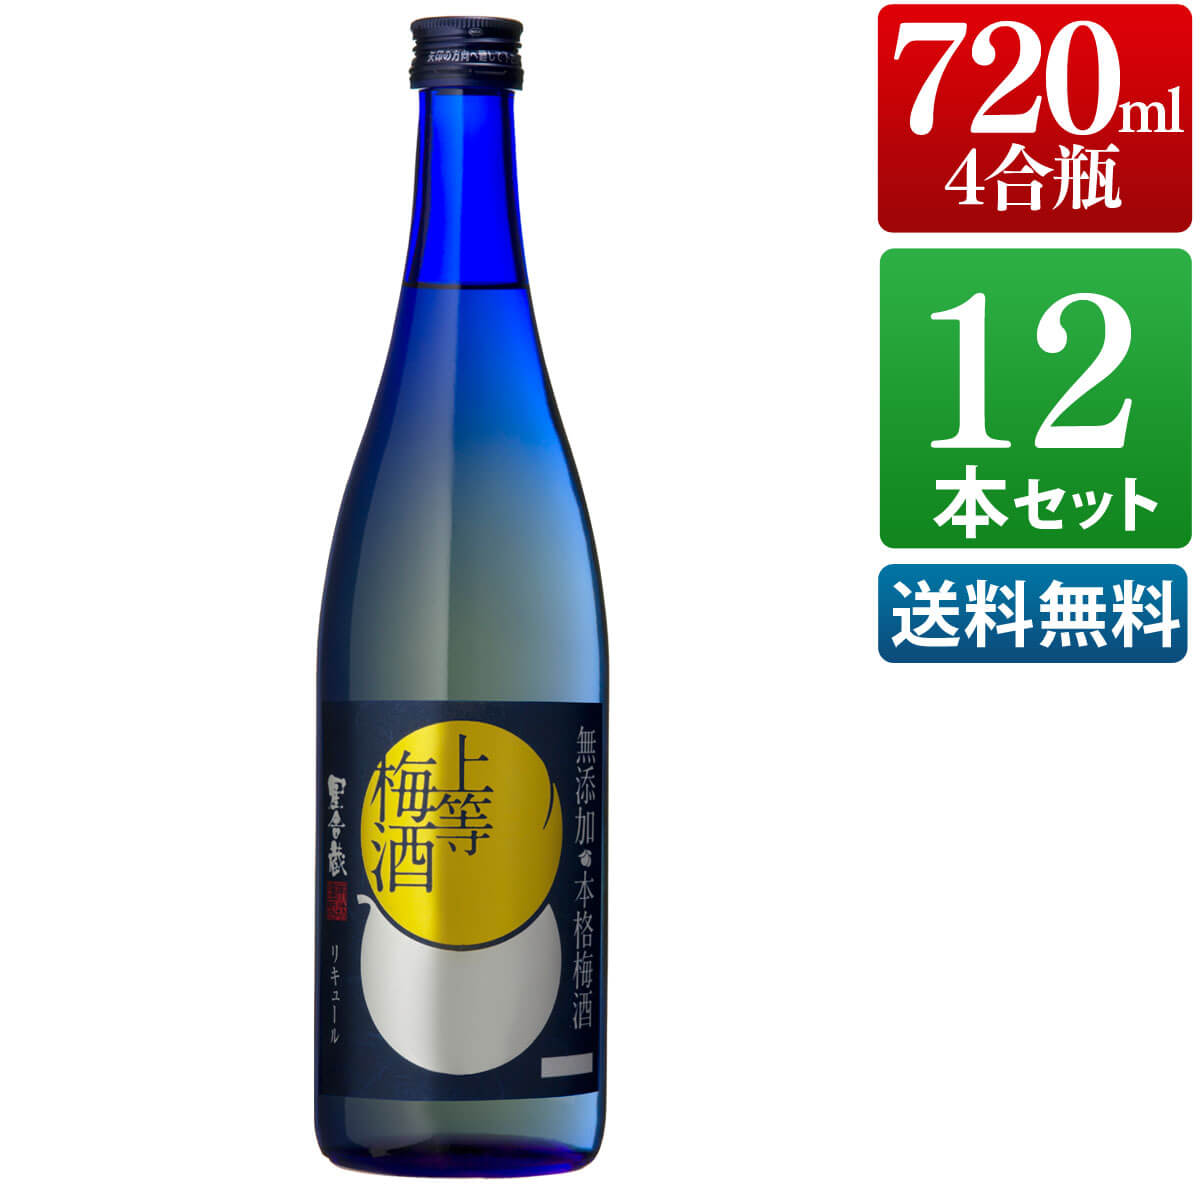 本格梅酒 12本セット 上等梅酒 14度 720ml [ 本坊酒造 梅酒 / IWSC 最高銀賞 / モンドセレクション 金賞 / 送料無料 ]